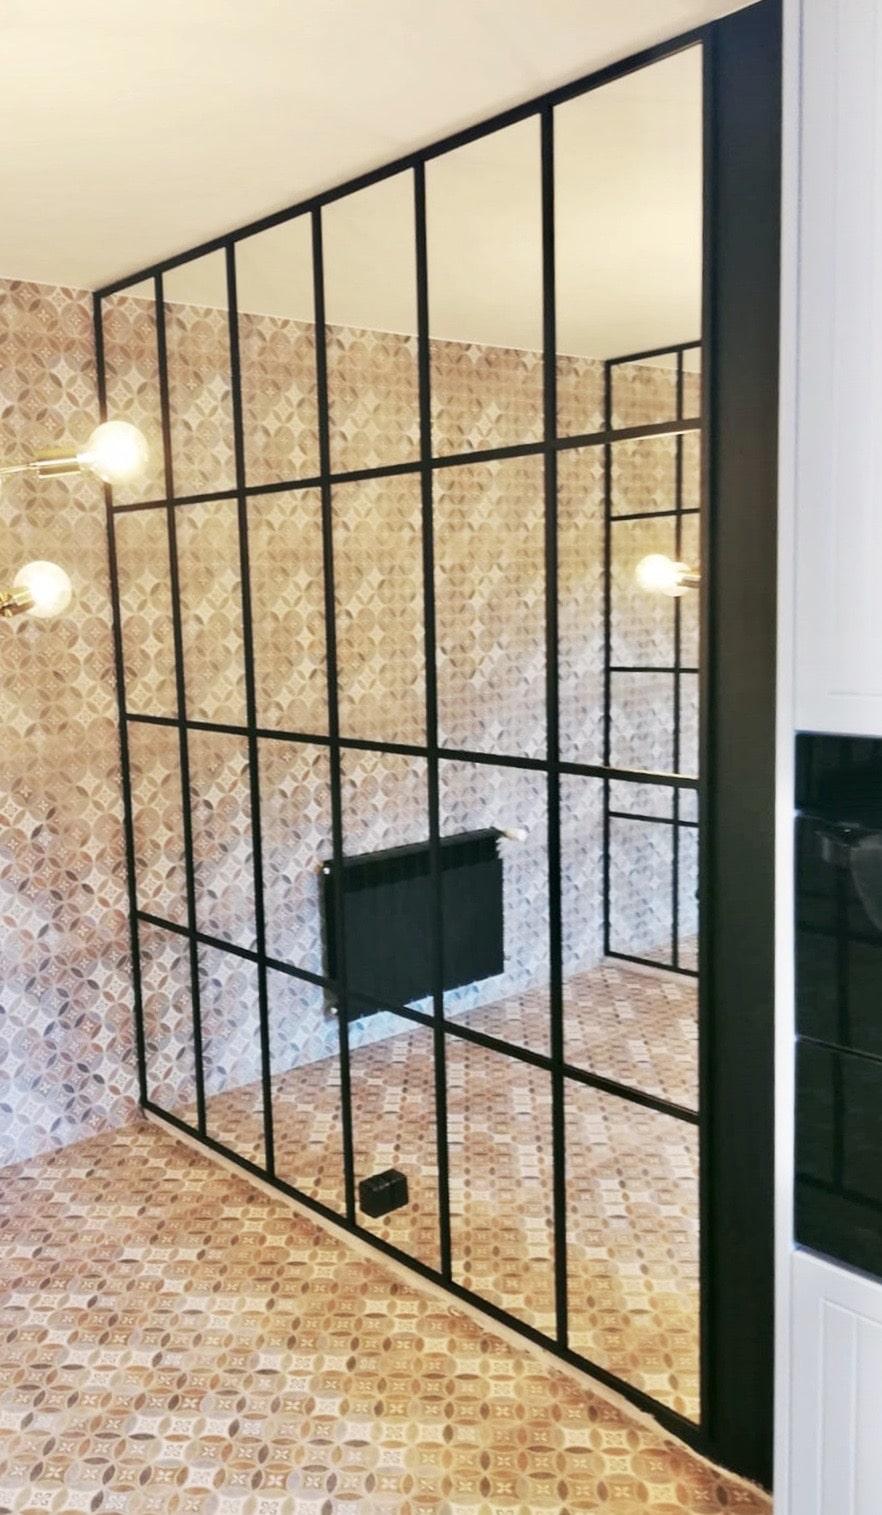 Trennwand mit Glas und Stahl im Innenraum